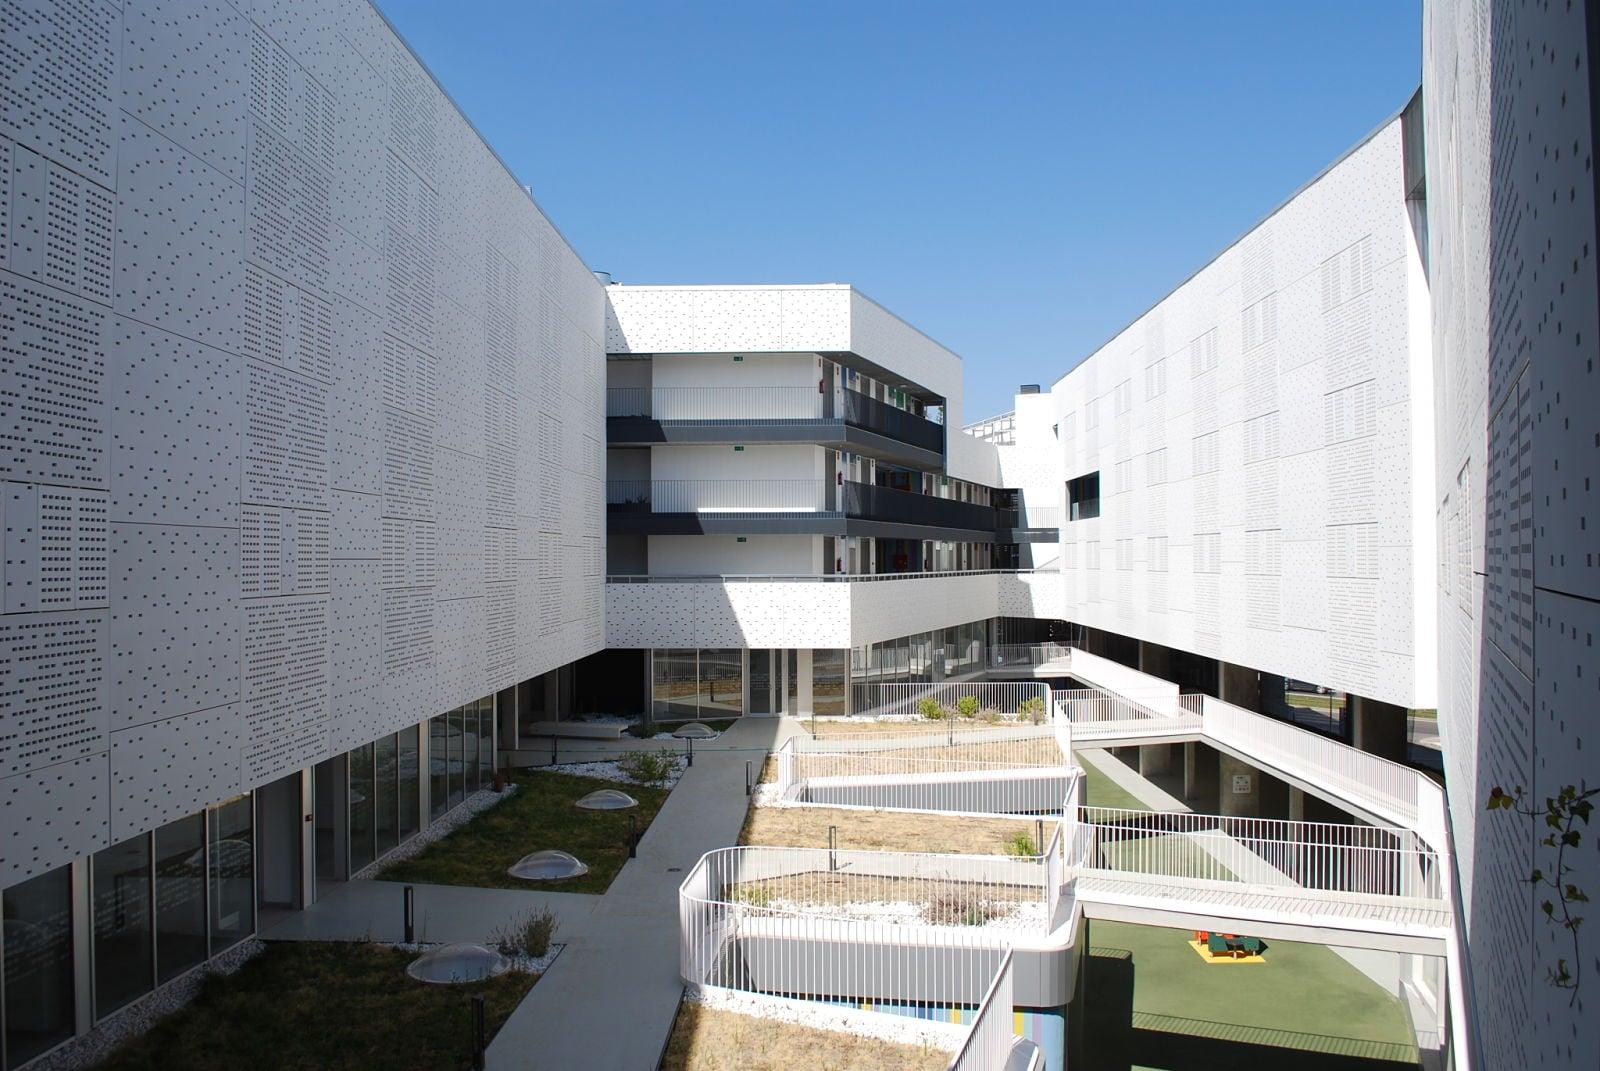 Residencial VPO Universidad de Jaén